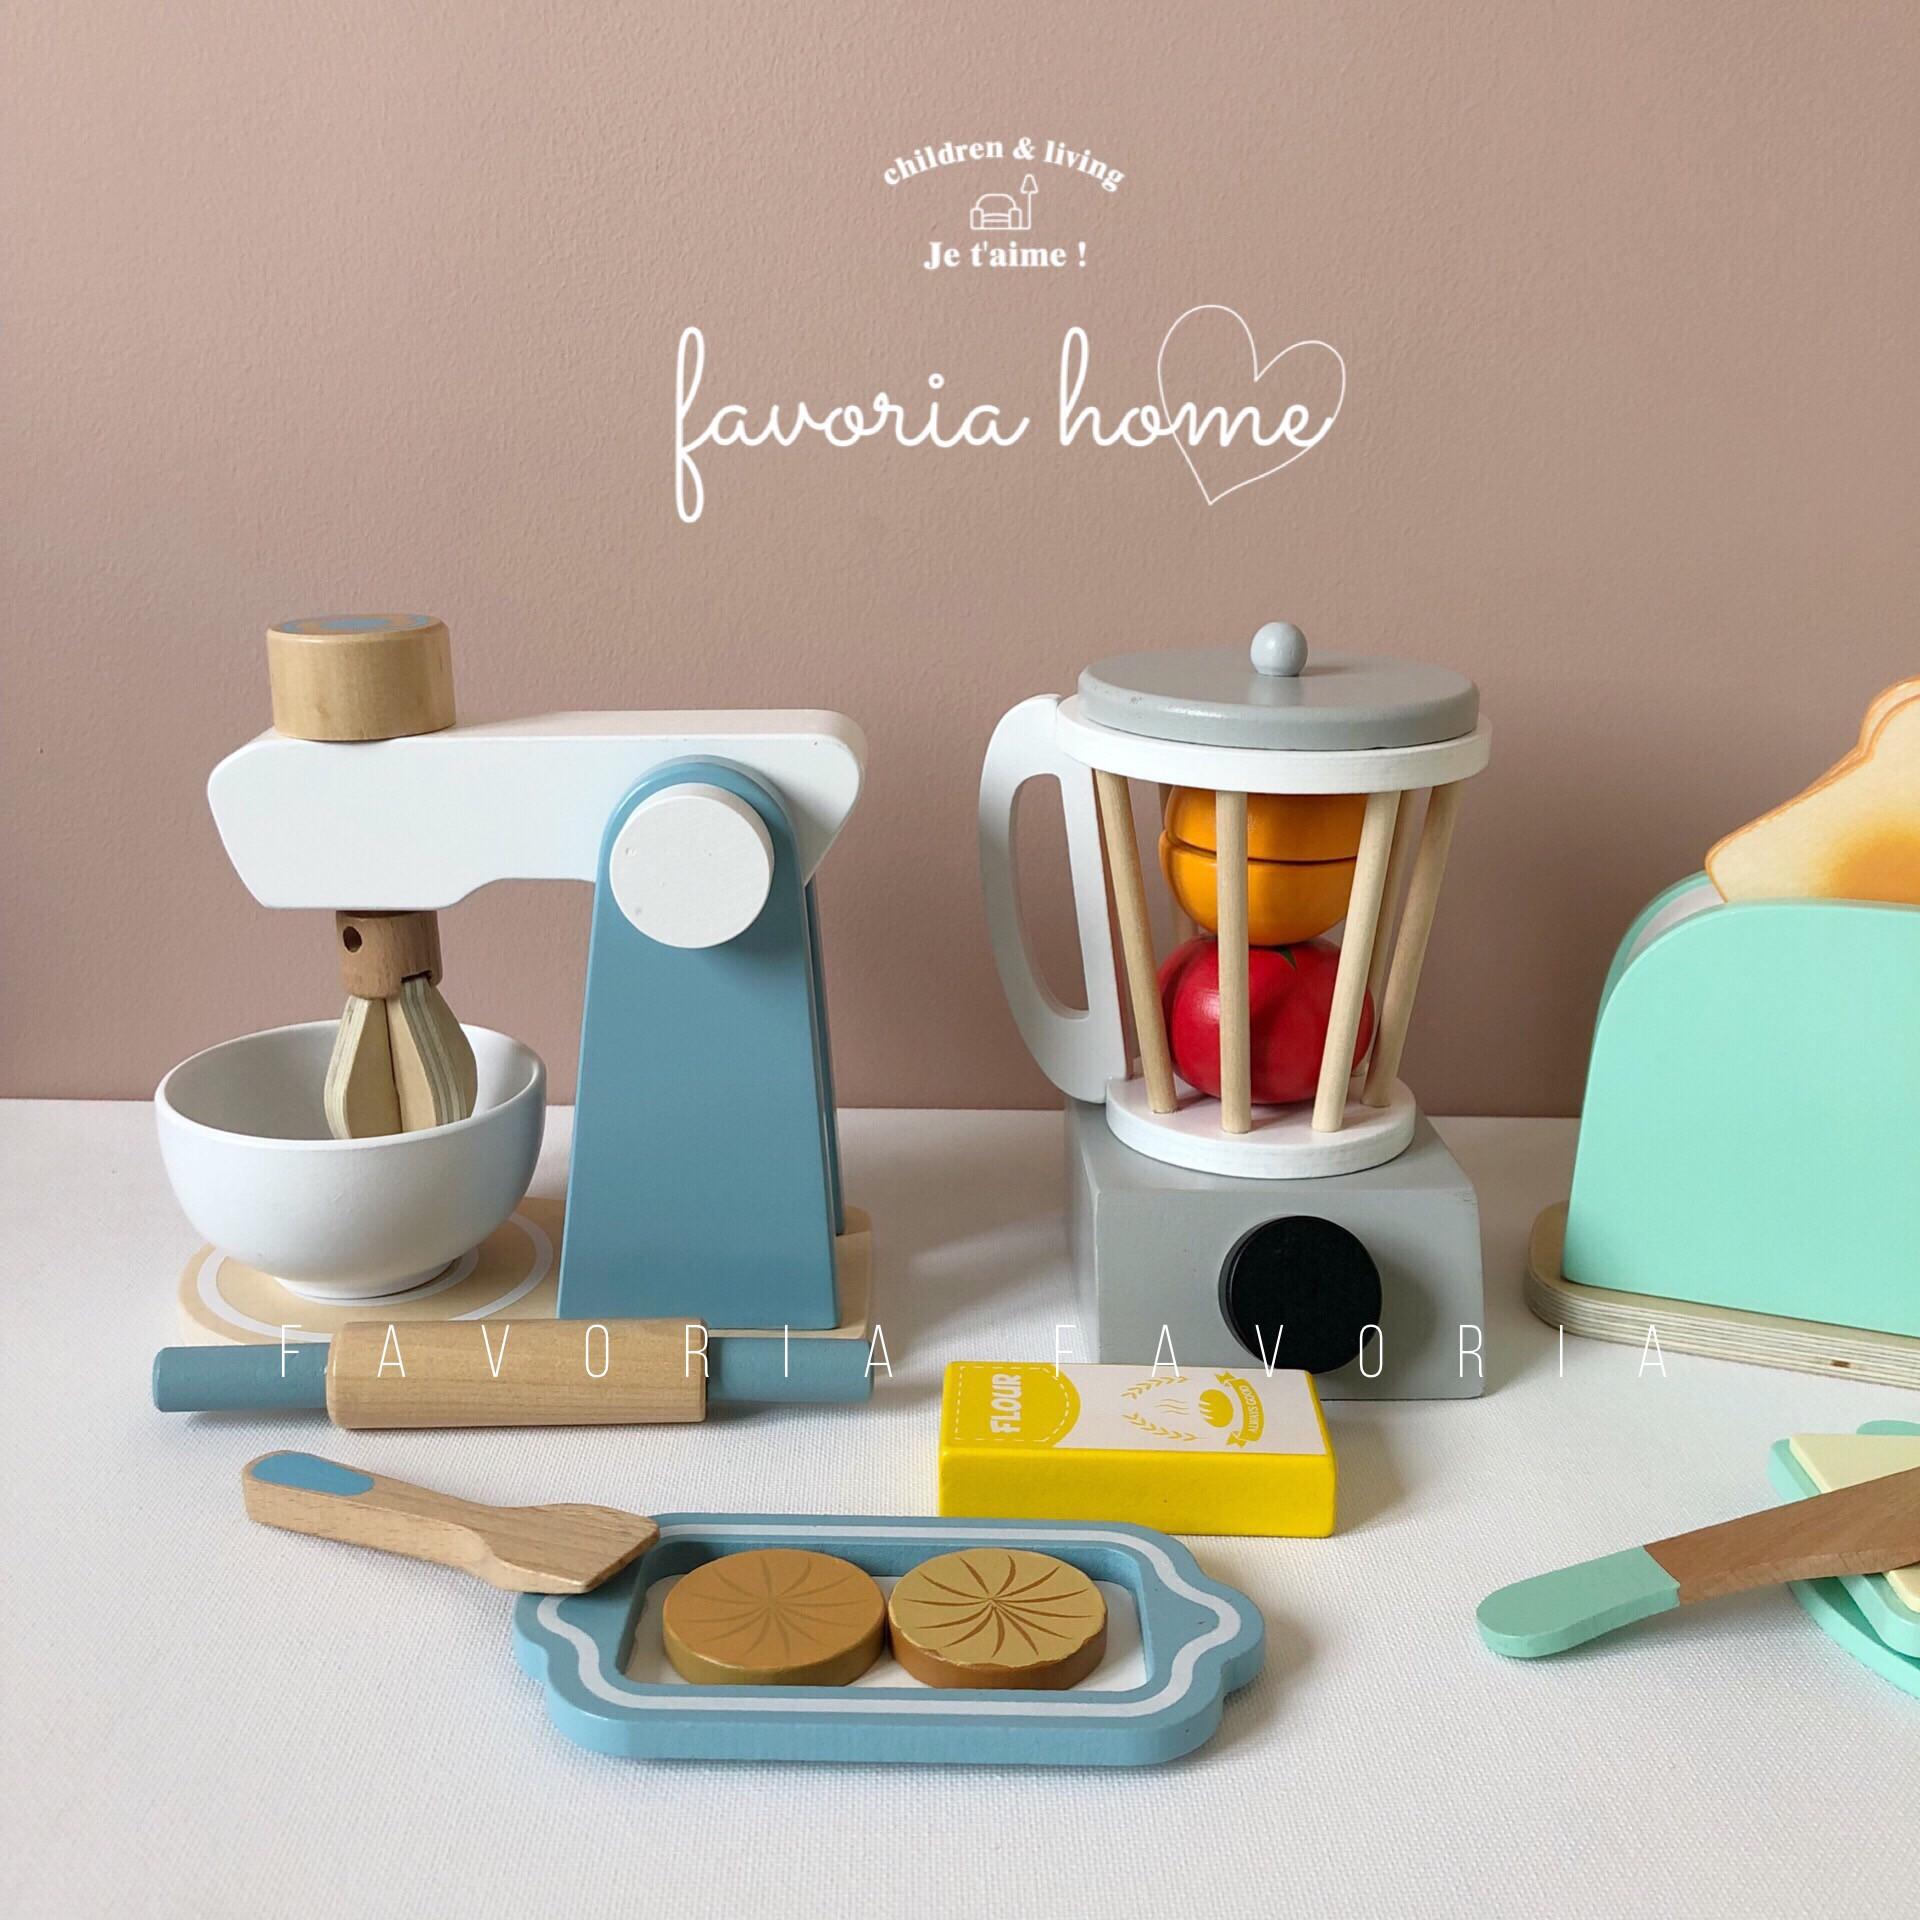 ℃ㇽเครื่องชงกาแฟสดเครื่องชงกาแฟแคปซูลที่ชื่นชอบเกาหลี ins มินิเครื่องทำขนมปังเครื่องชงกาแฟจำลองไม้ของเล่นห้องครัวขนาดเล็ก